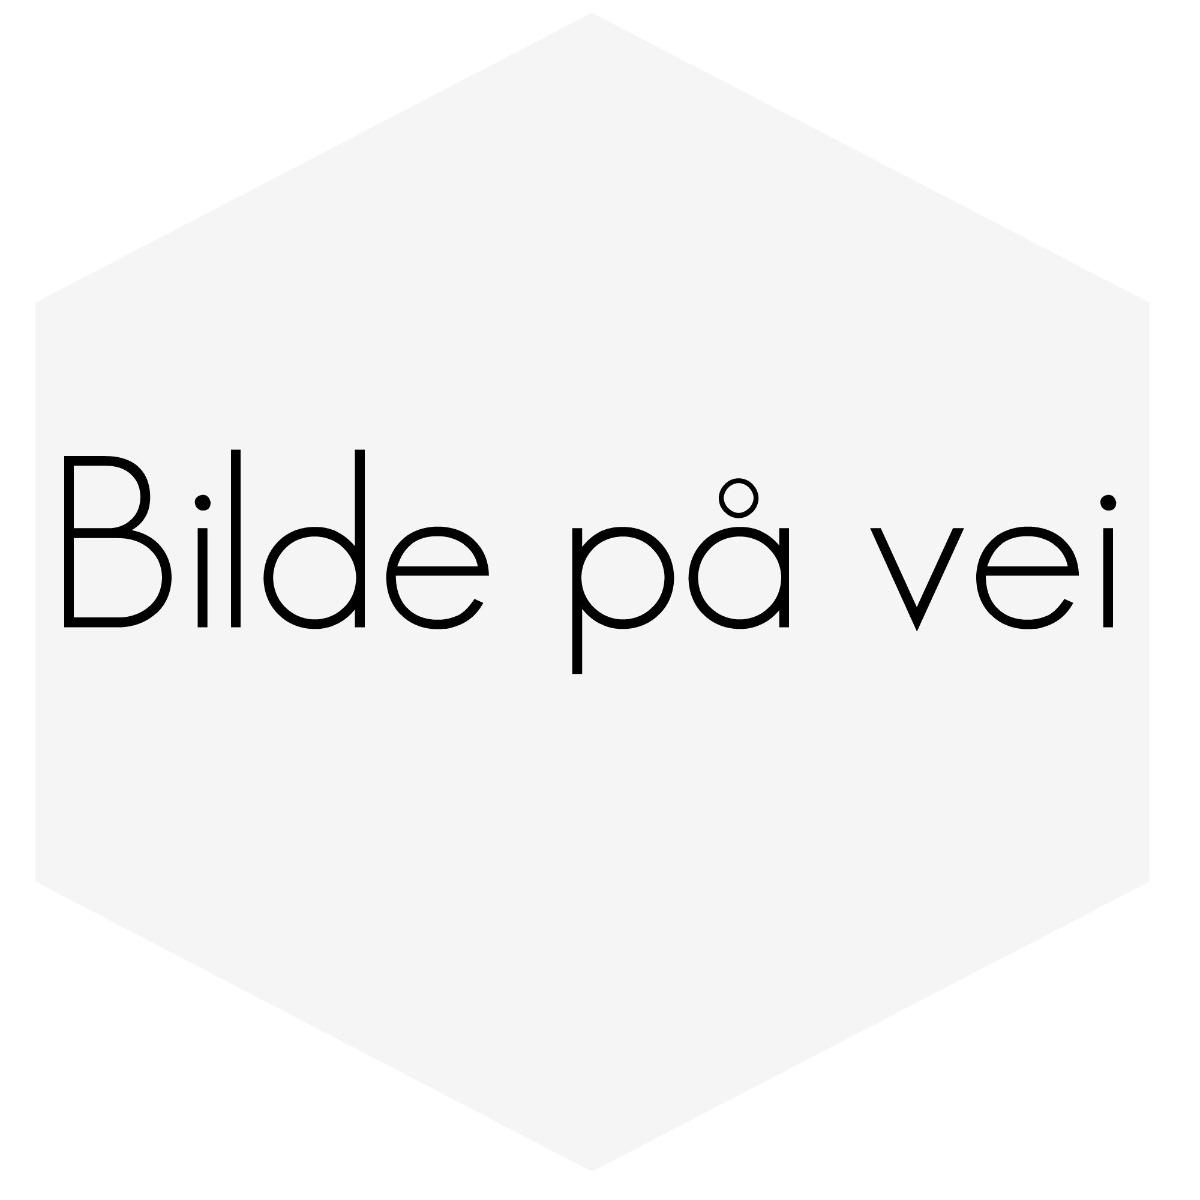 REP.SETT FOR FESTE HÅNDBREKK WIRE PÅ AKSEL VOLVO 700/900